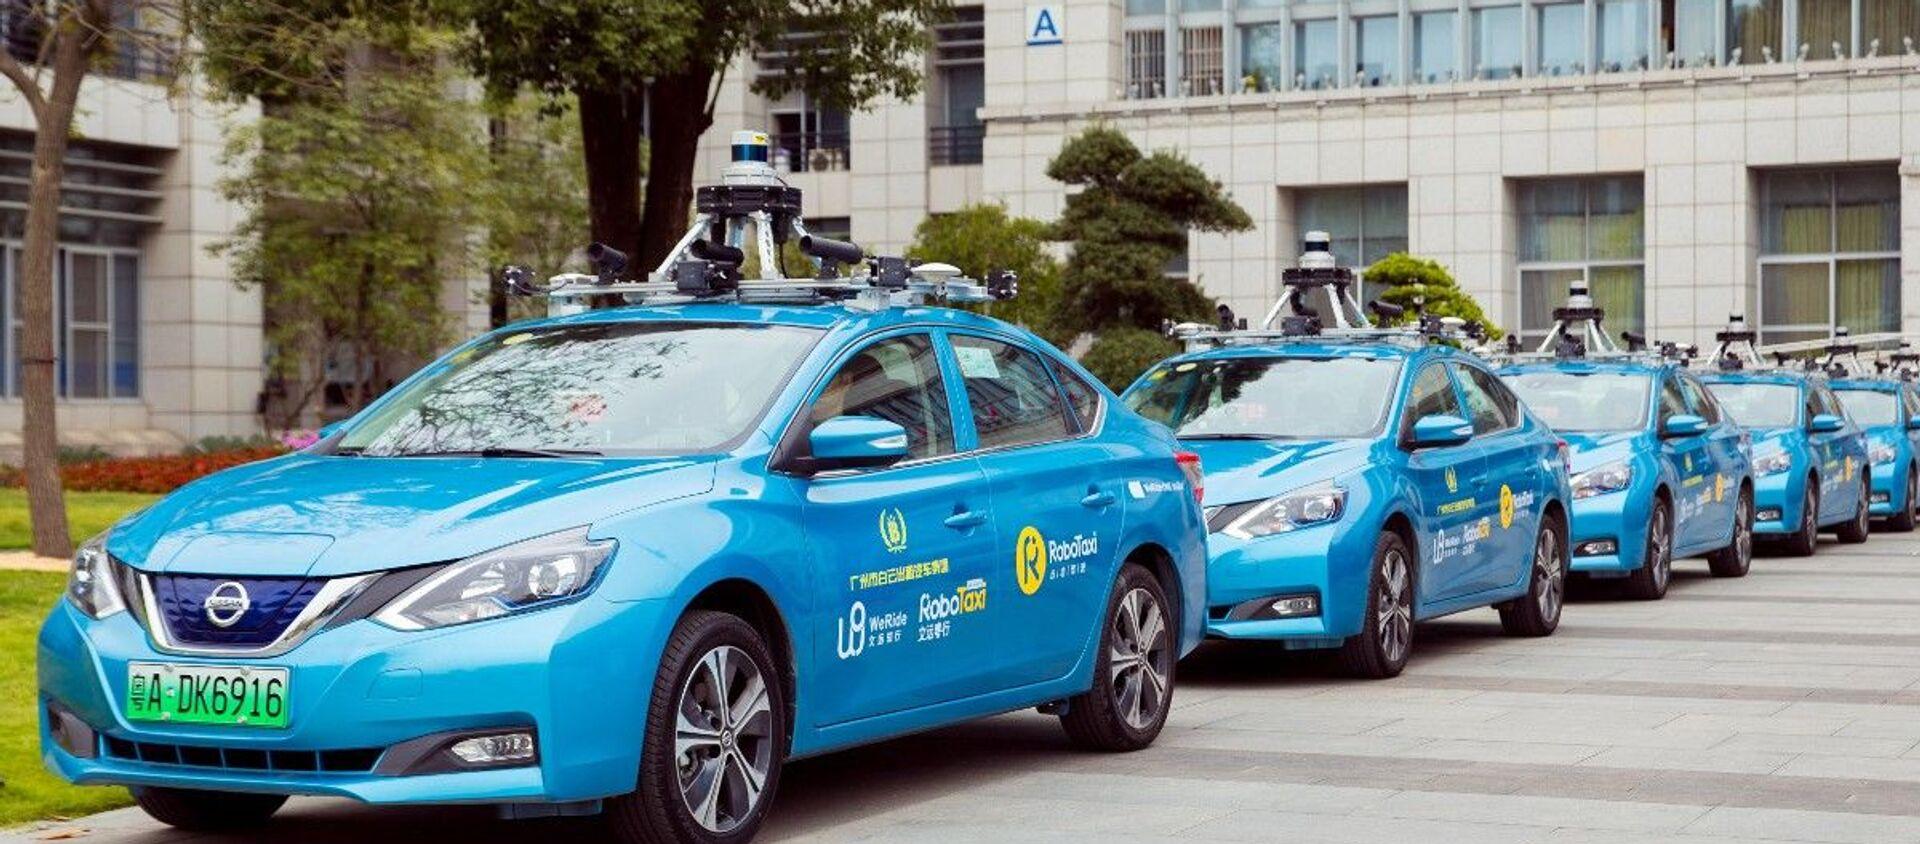 Tại sao Trung Quốc coi trọng sự phát triển của taxi không người lái? - Sputnik Việt Nam, 1920, 13.07.2020